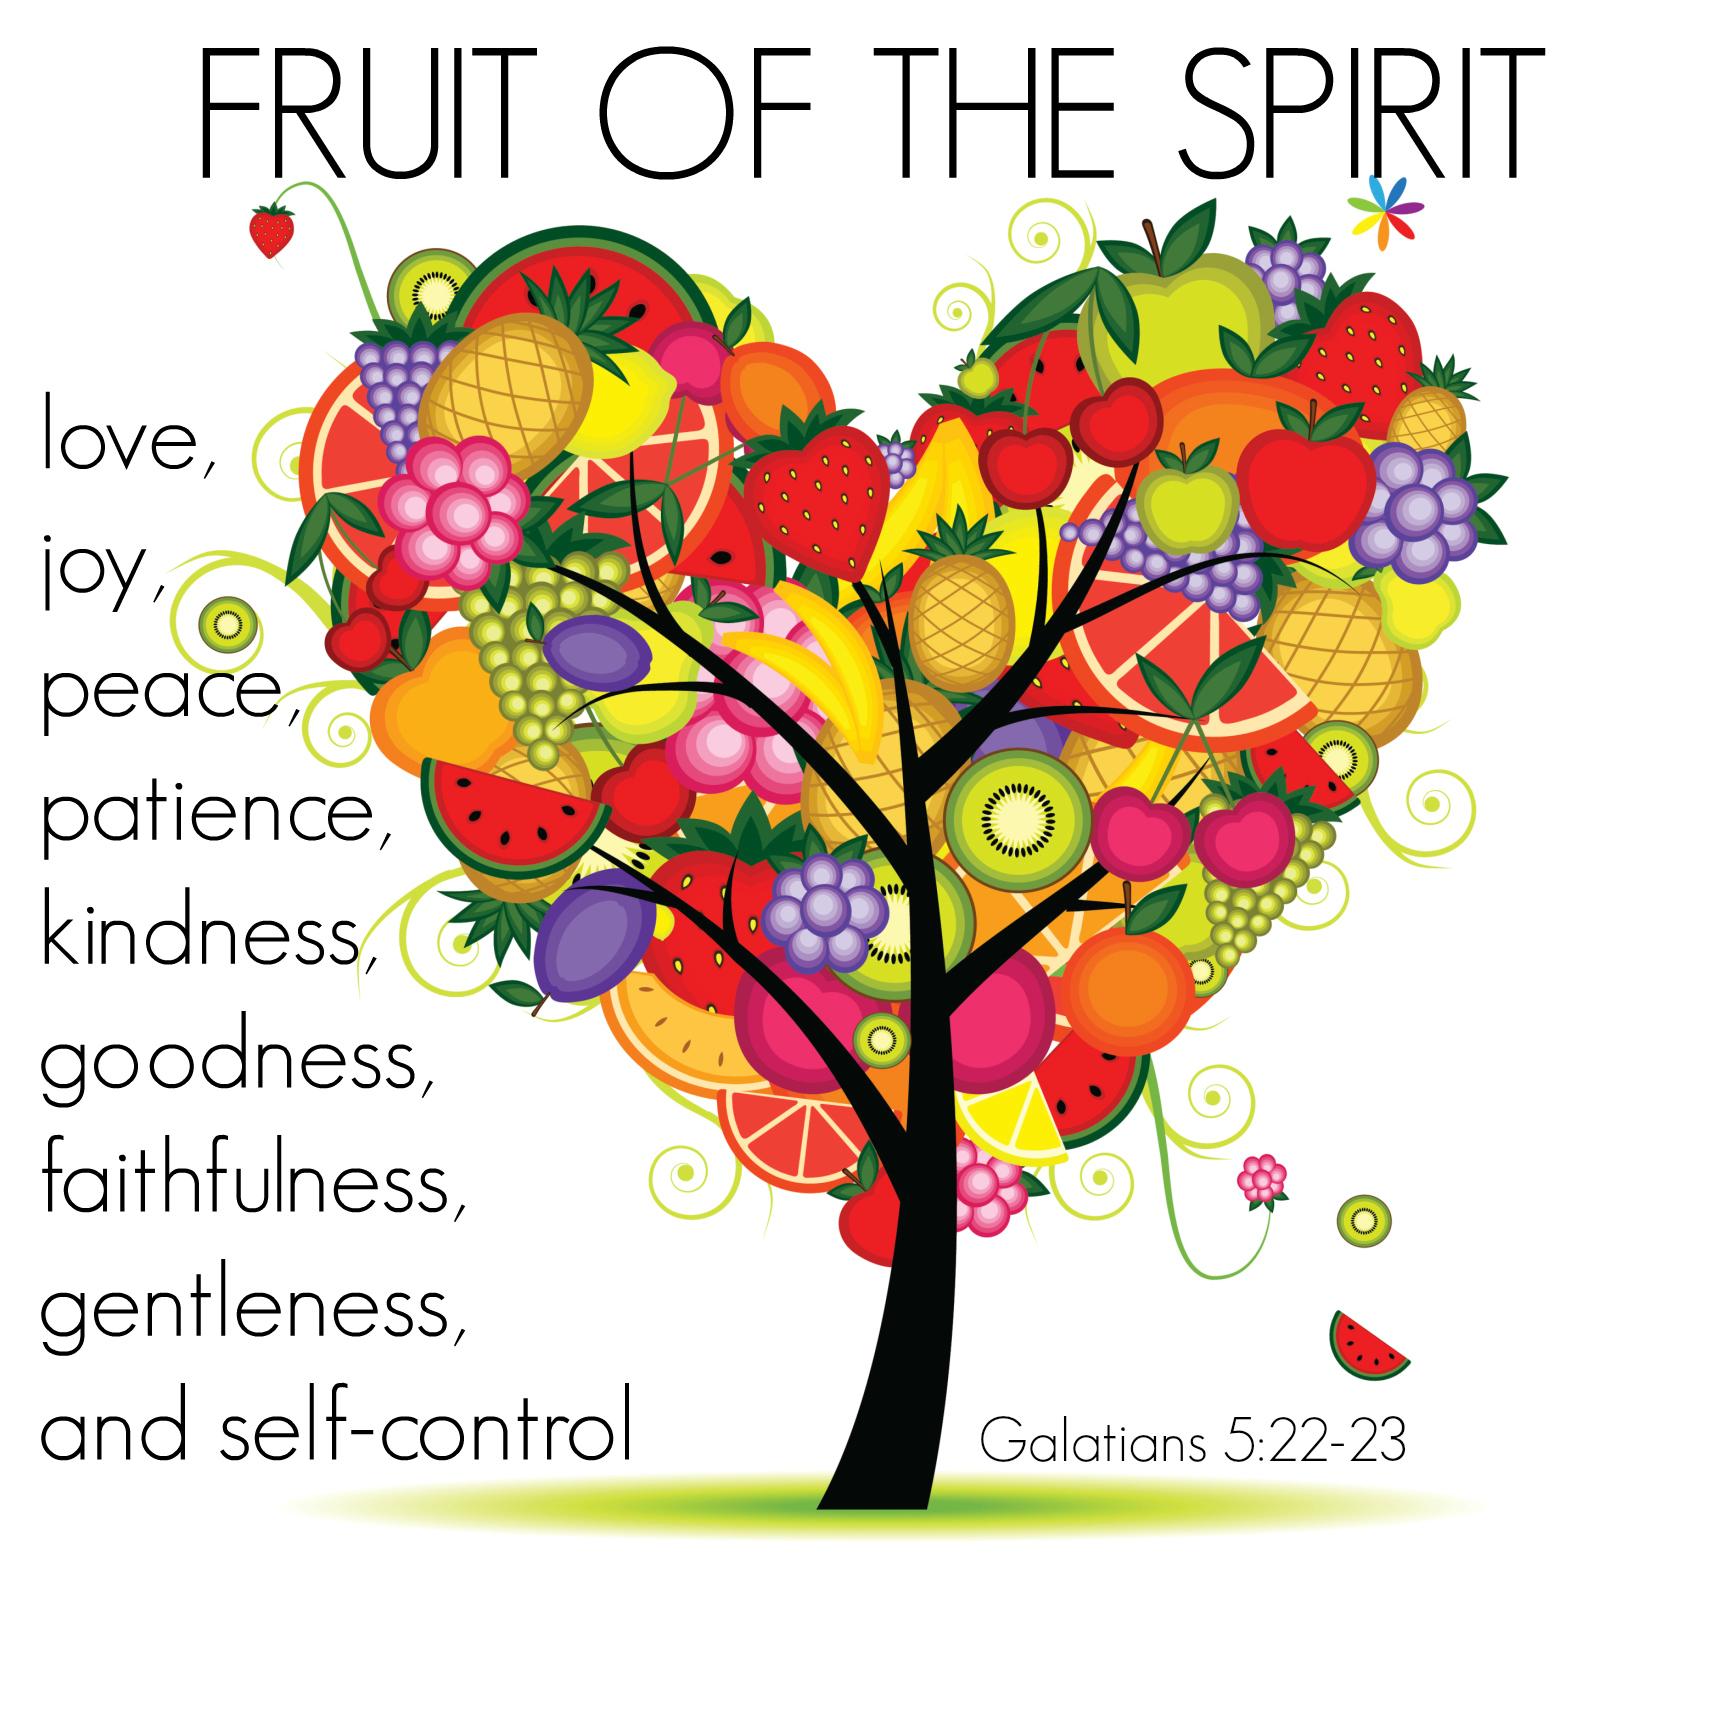 Clip Art for Faithfulness Fruit of the Spirit